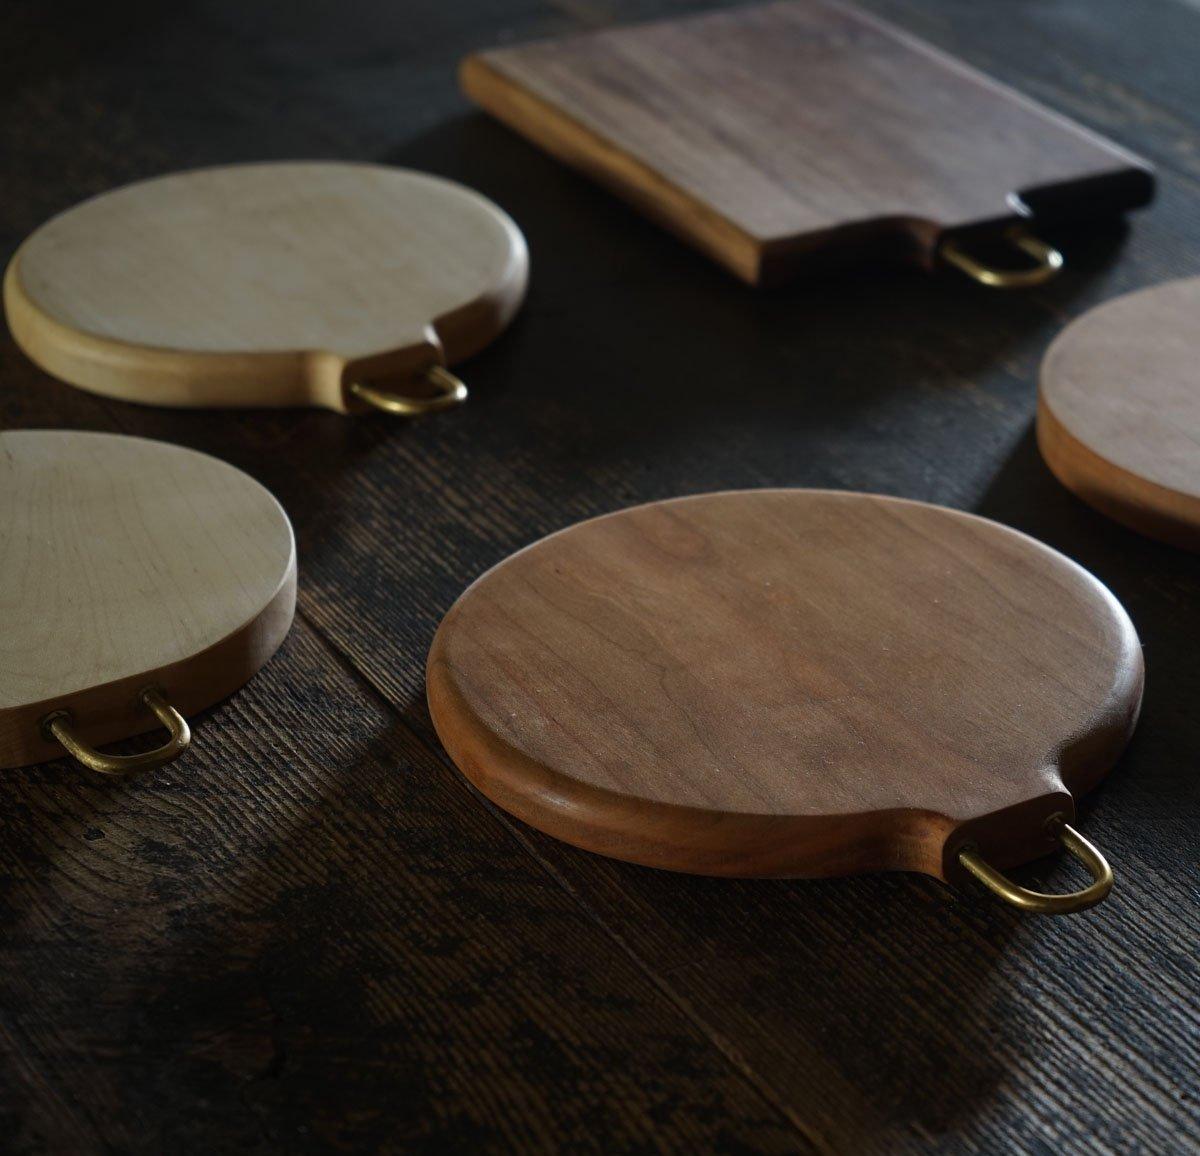 【WS受付中!枯白 koku「カッティングボードを磨こう!」】 数種類の木材・デザイン・サイズの中から選び、ヤスリで削っていきます。オイルを塗って磨けば、自分だけのアイテムが完成!